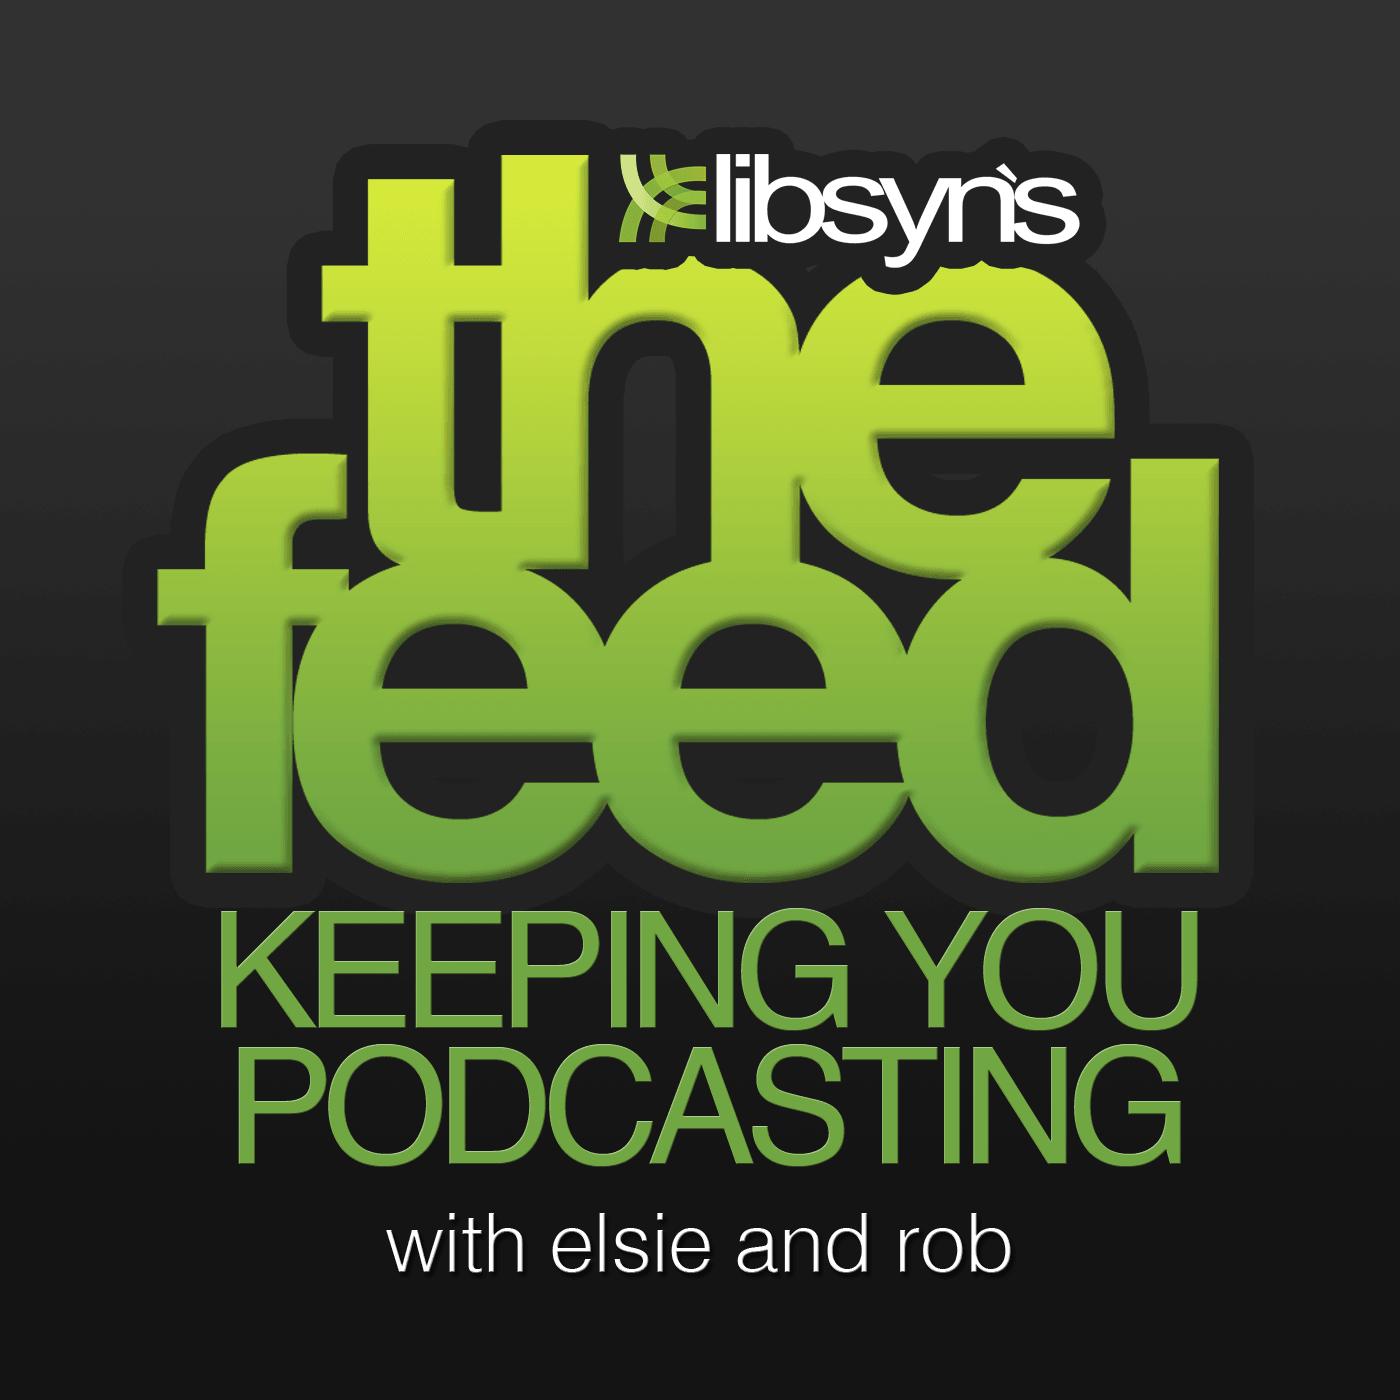 Resultados de la búsqueda Resultado web con enlaces al sitio web The Feed The Official Libsyn Podcast